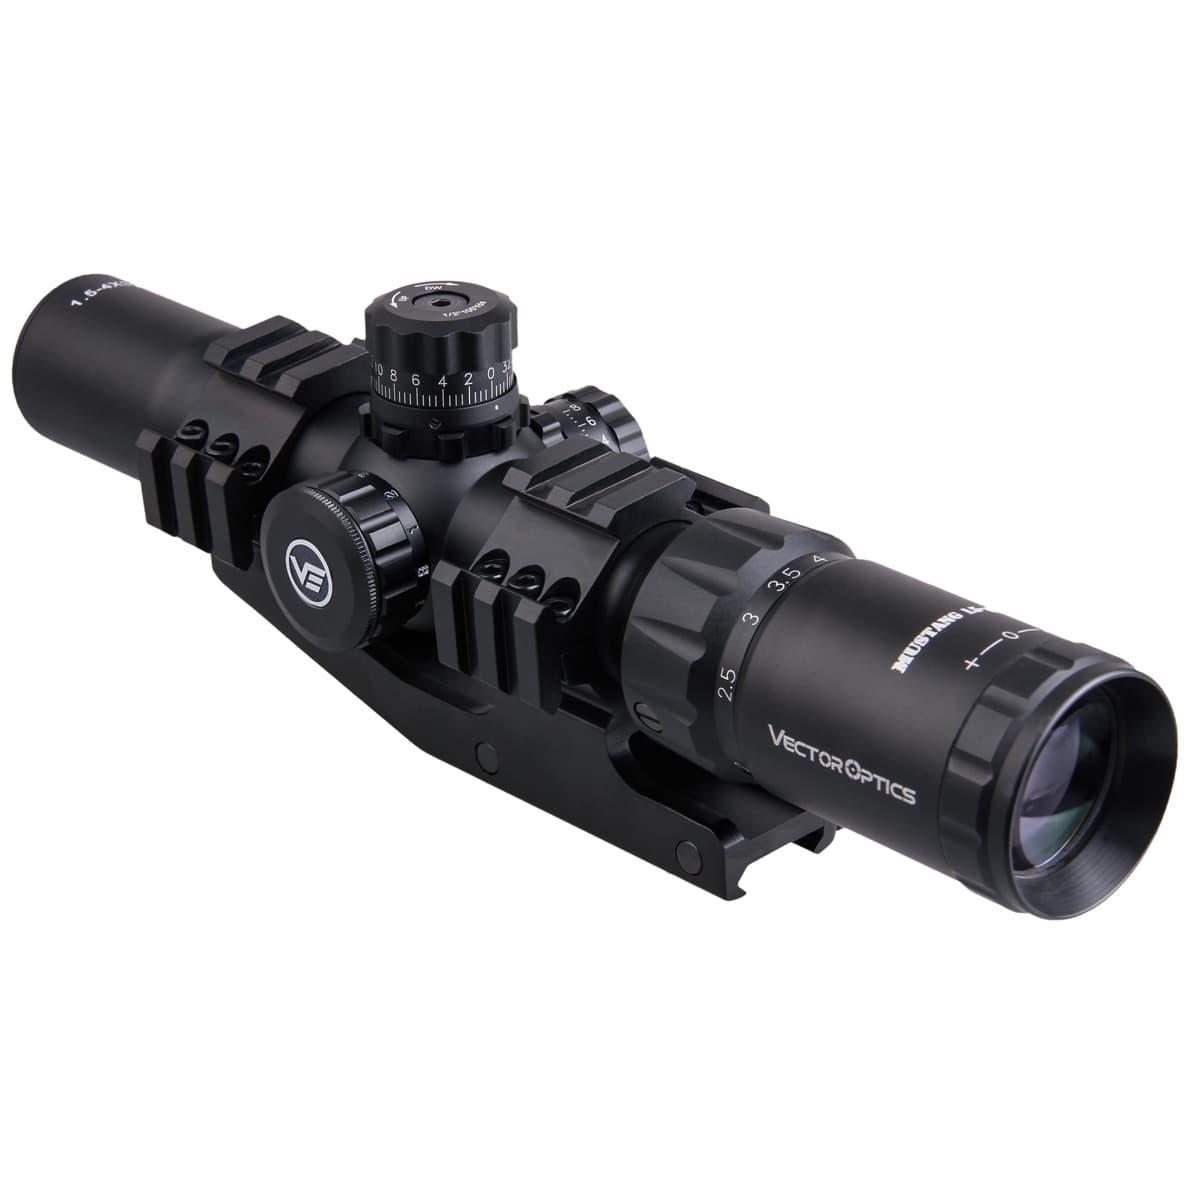 Vector Optics SCOC-02 MUSTANG 1.5-4x30